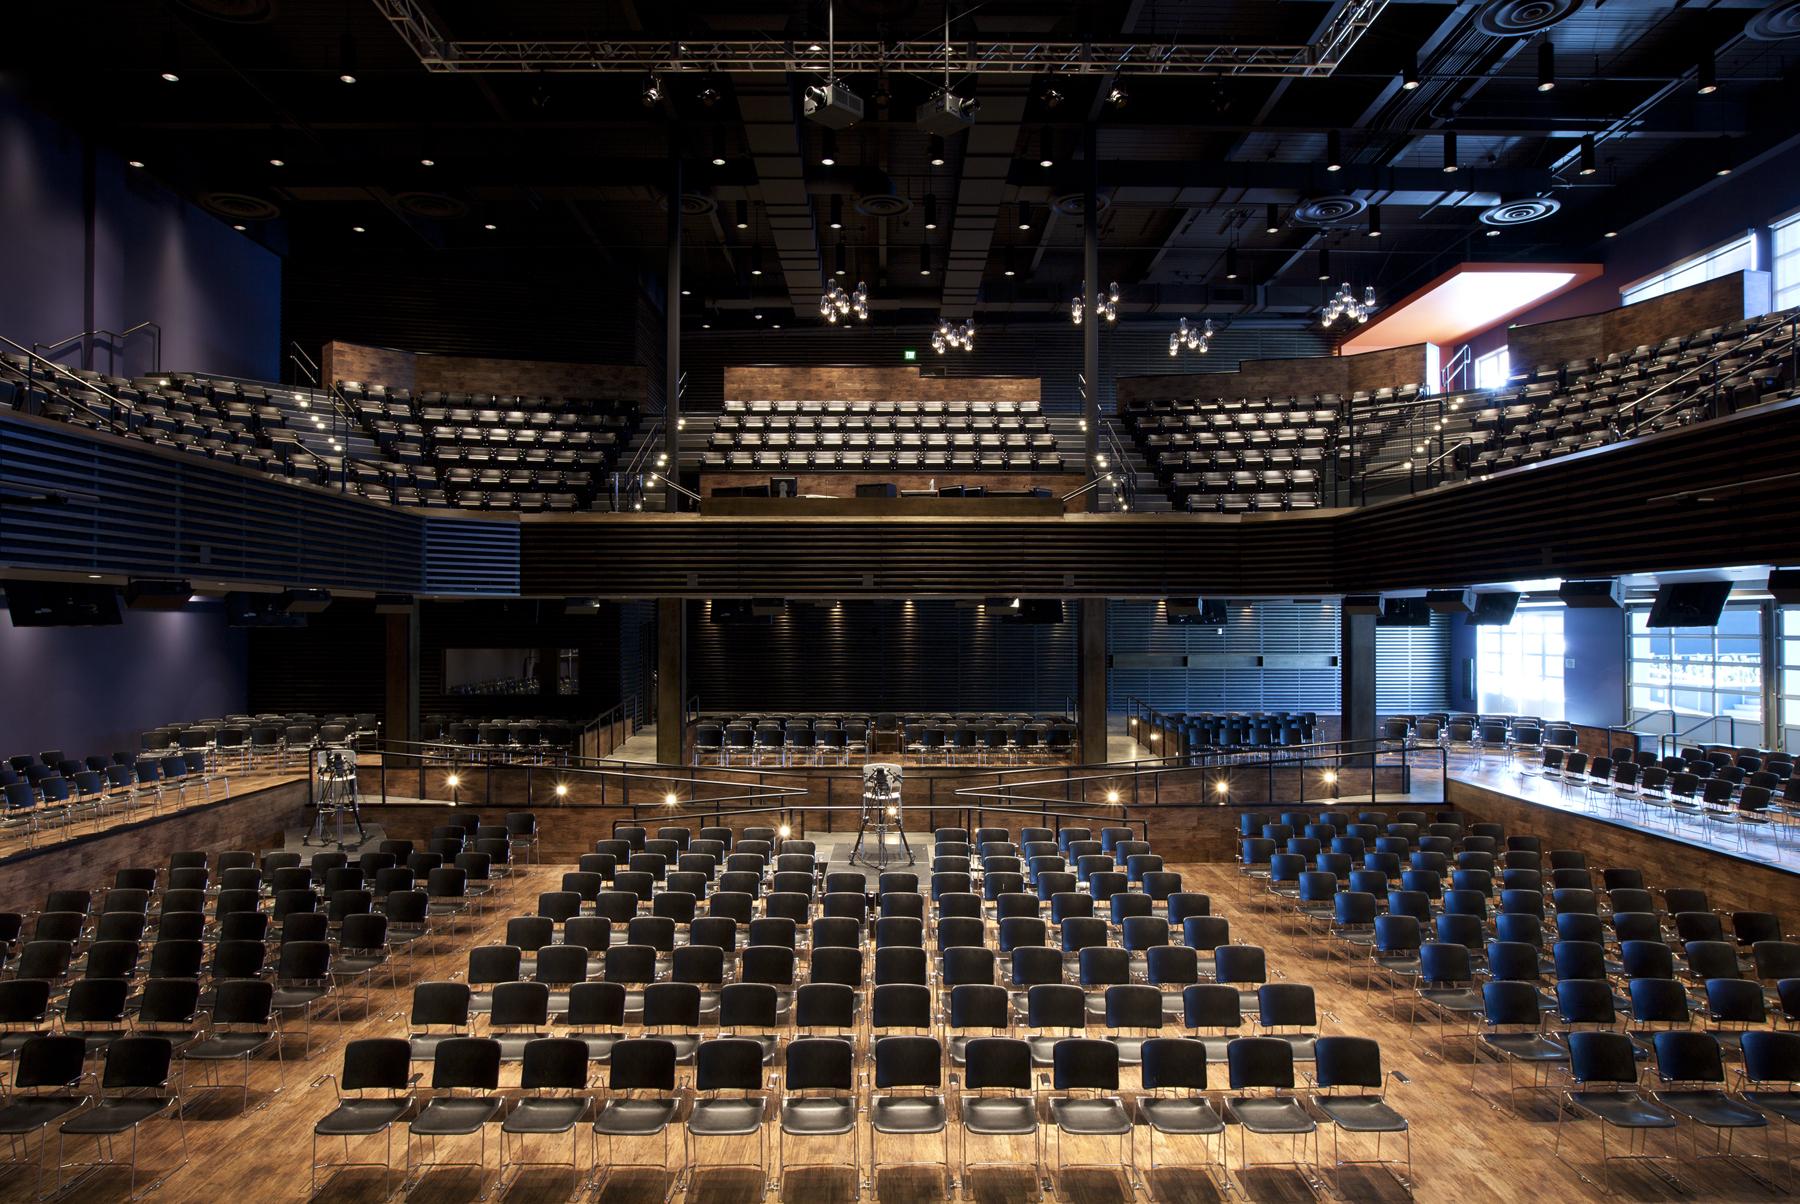 The Crossing Auditorium